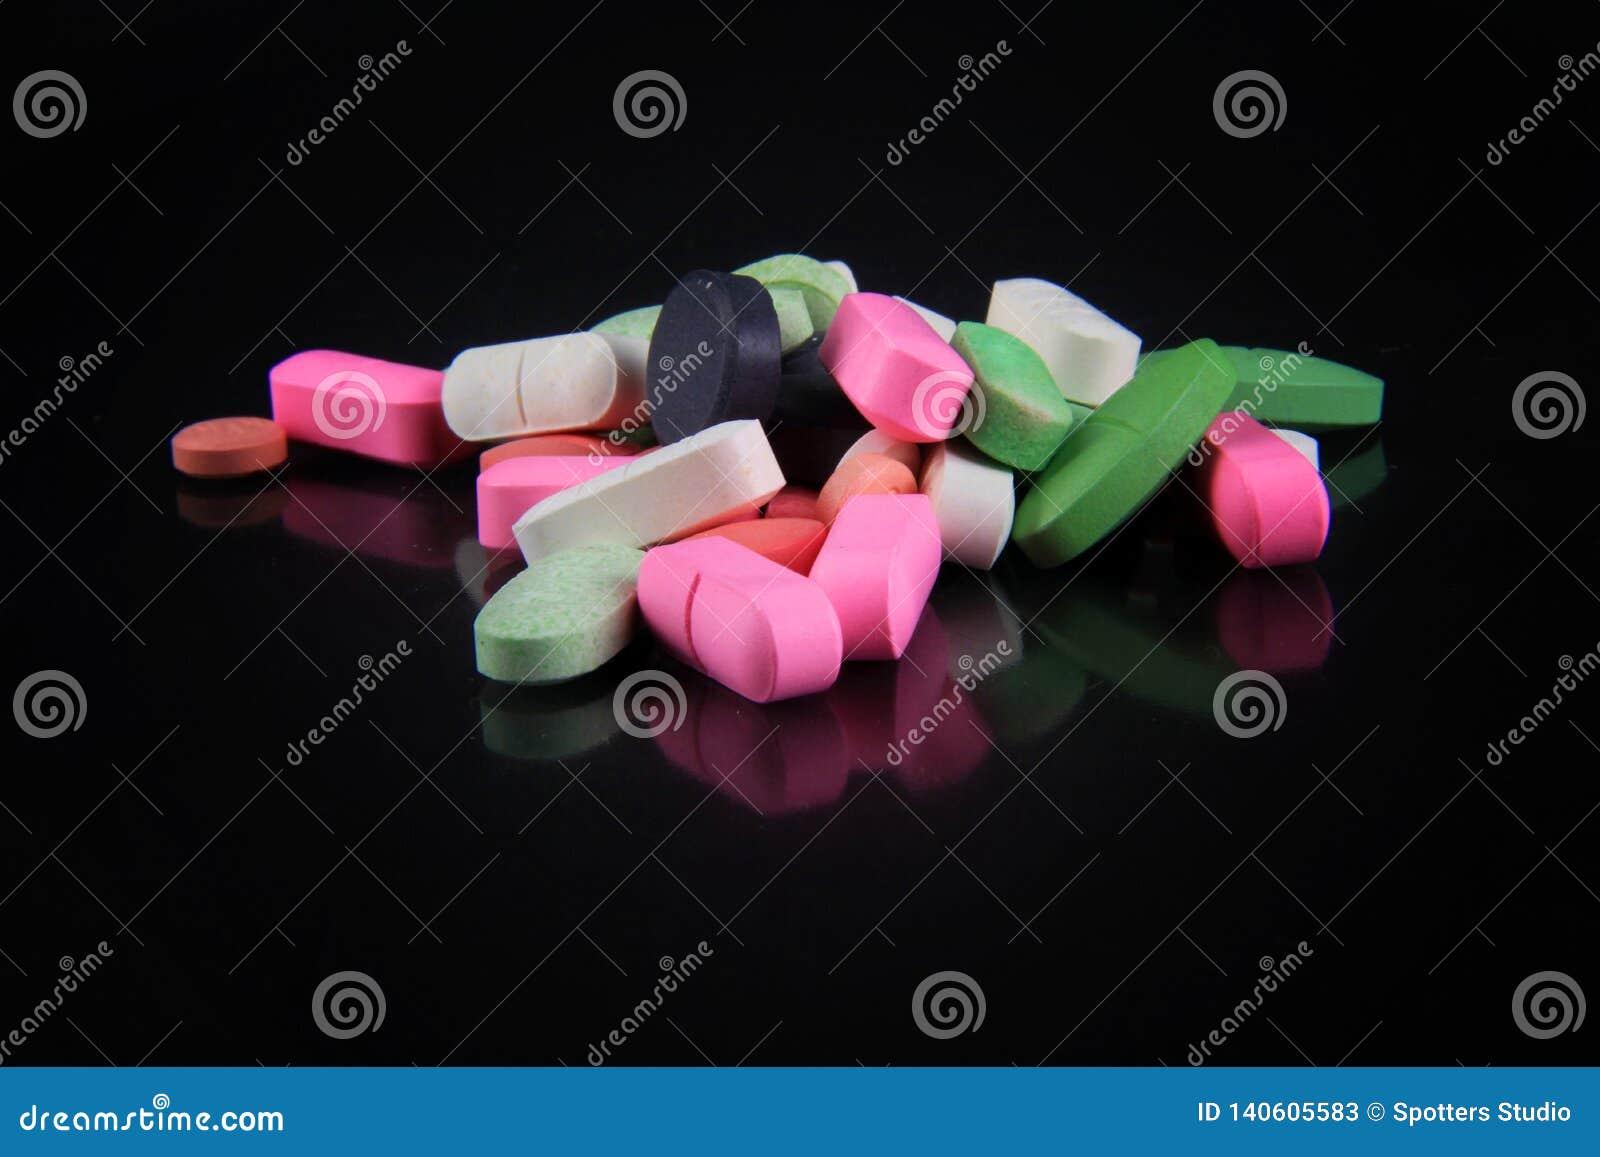 Divers types de drogues pour les maladies